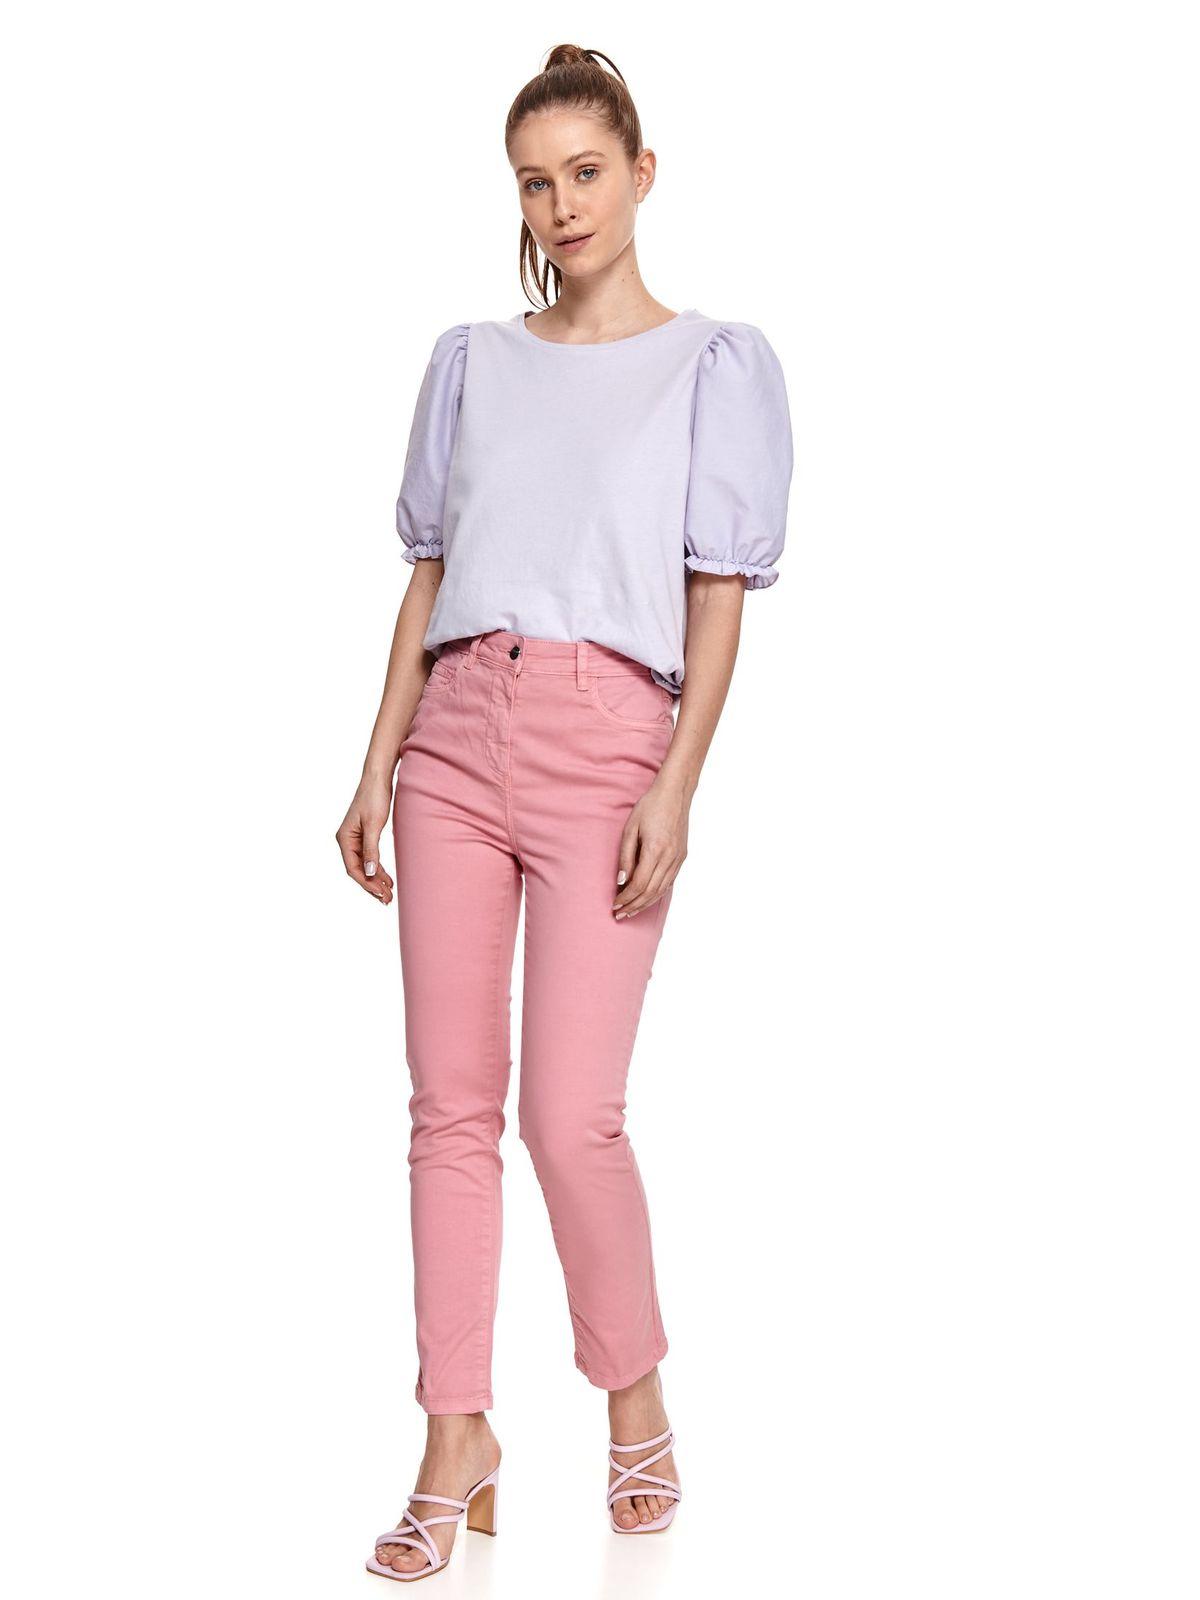 Pantaloni Top Secret roz din tesatura de bumbac cu talie normala si croi drept